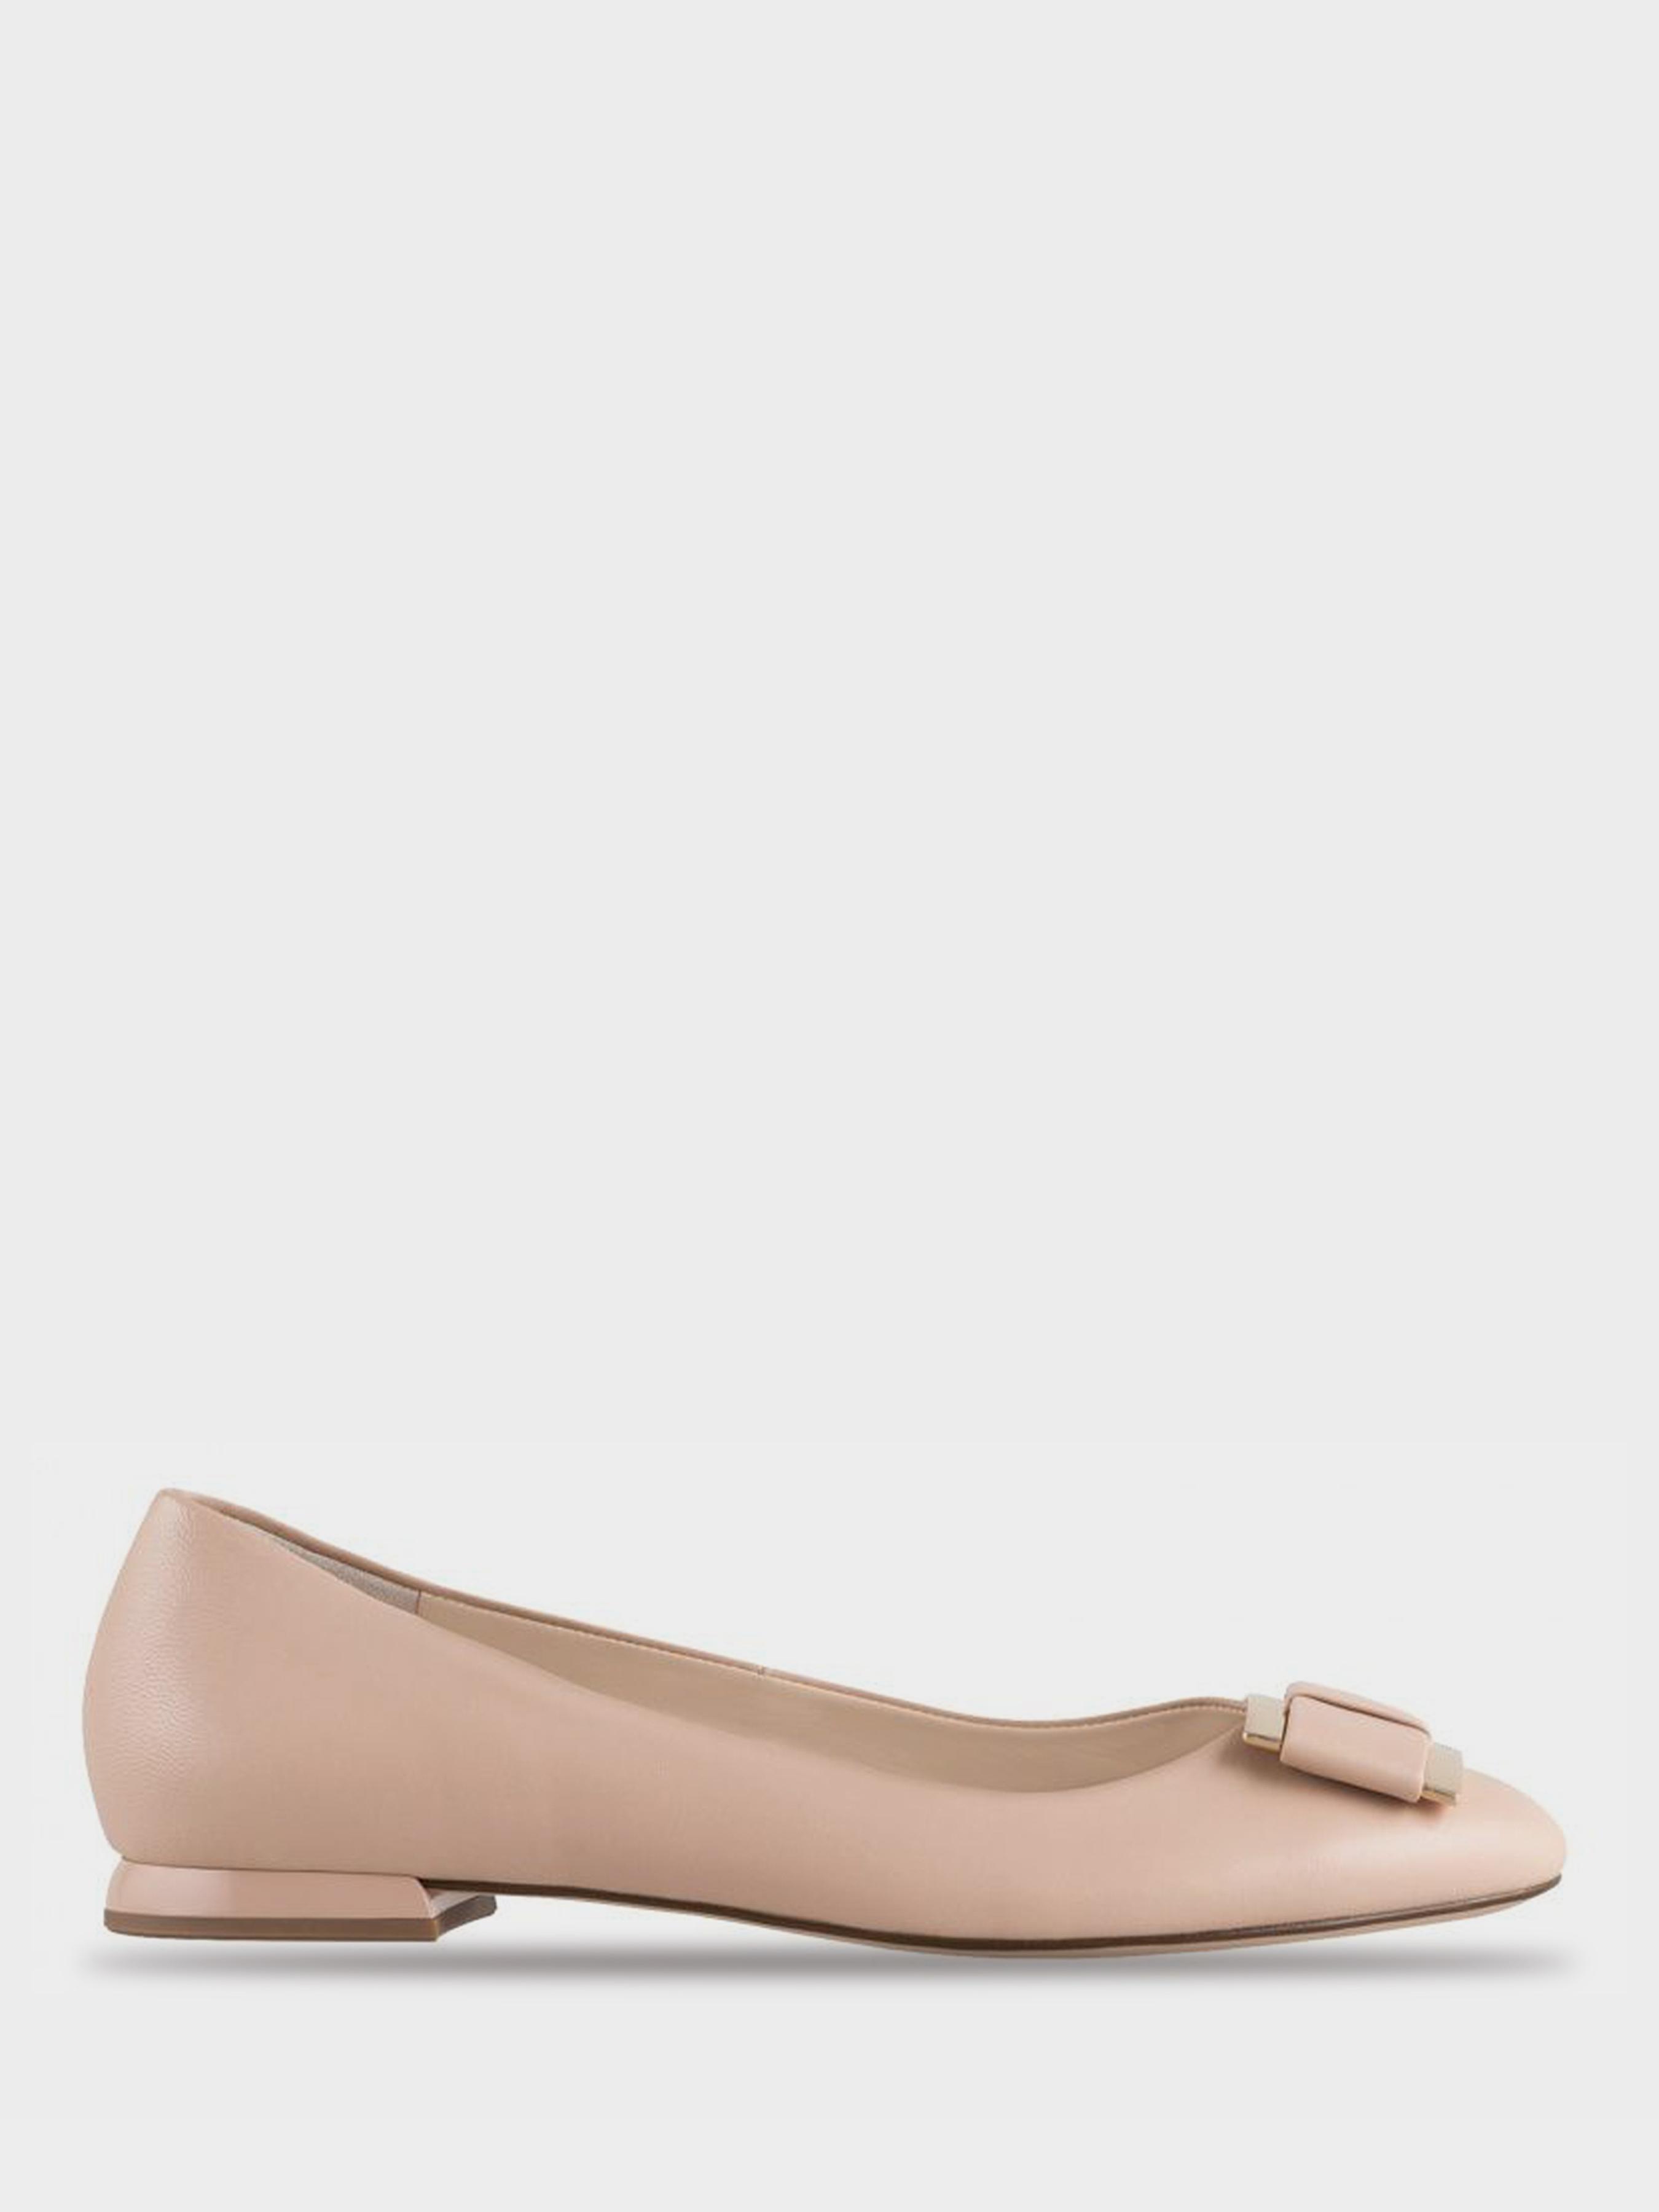 Купить Туфли женские Hogl HARMONY YN3927, Бежевый